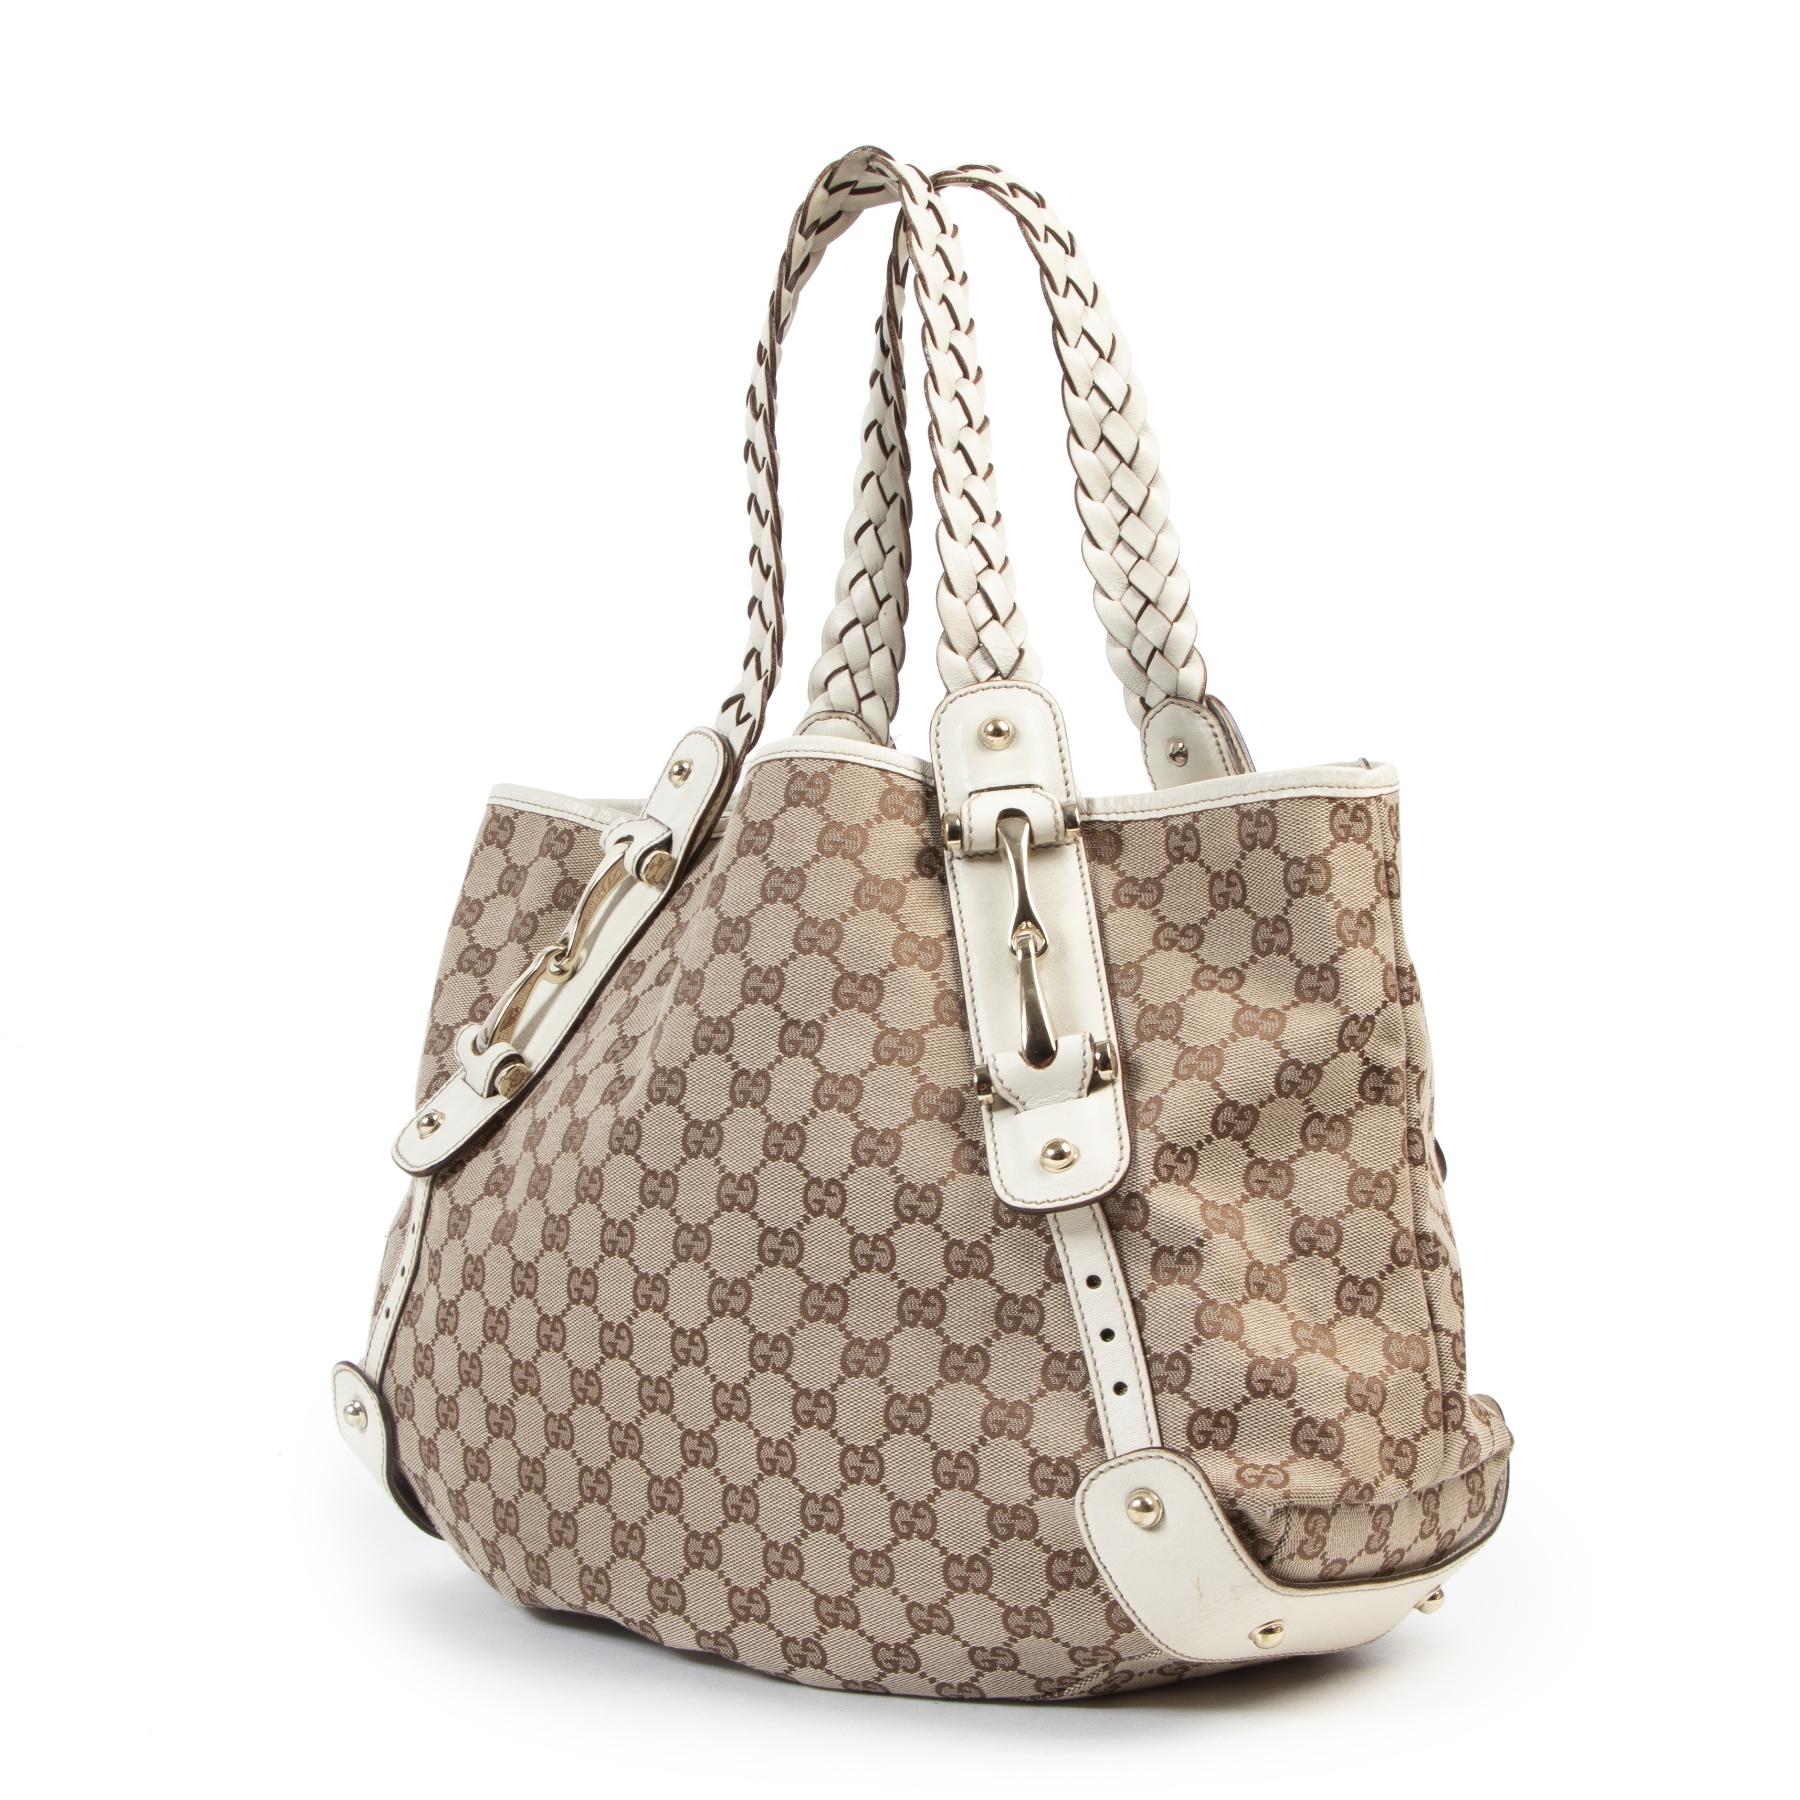 Koop authentieke tweedehands Gucci handtassen met juiste prijs bij LabelLOV